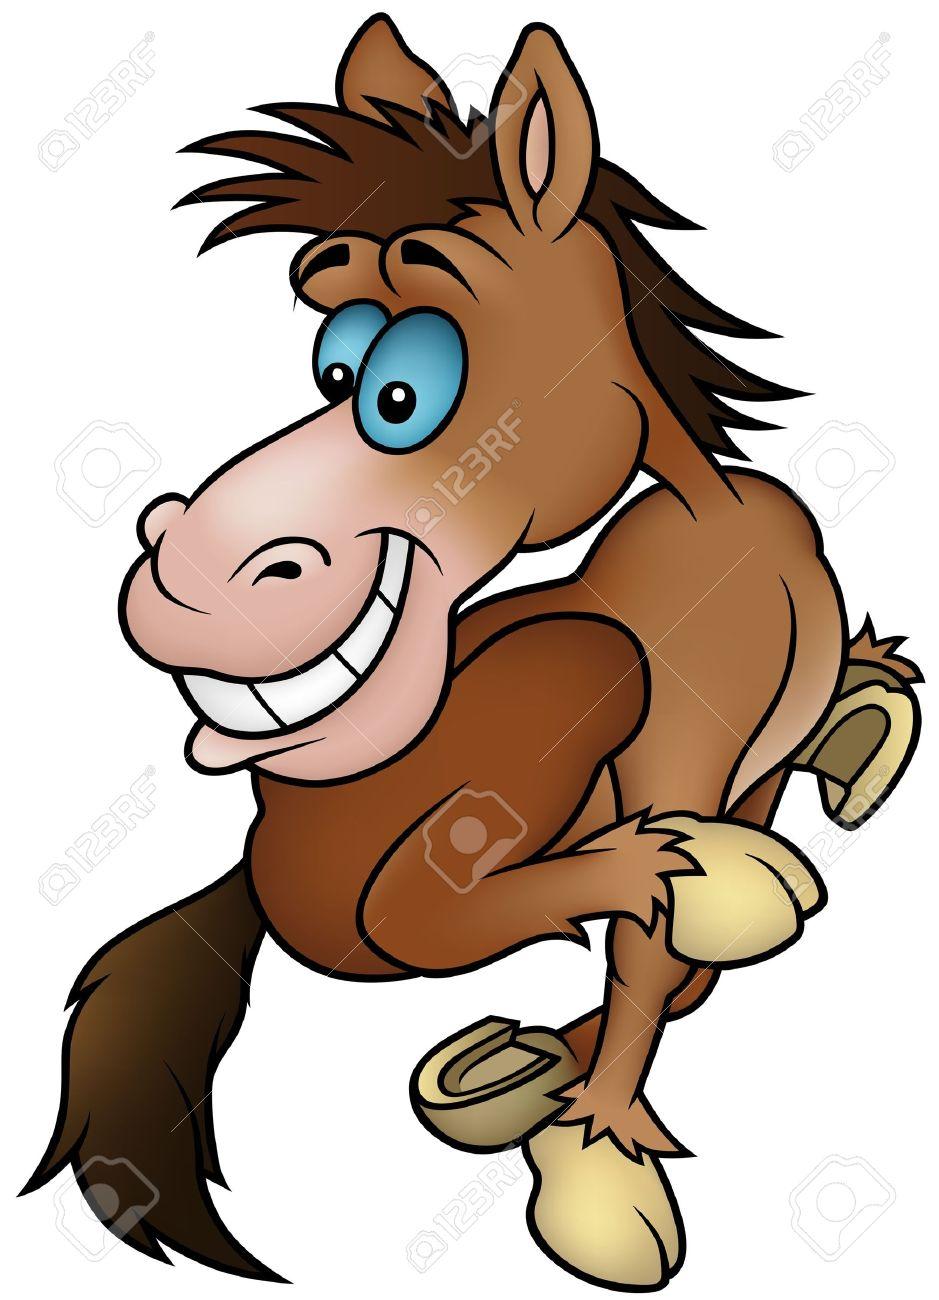 Running Horse - cartoon illustration Stock Vector - 6272549